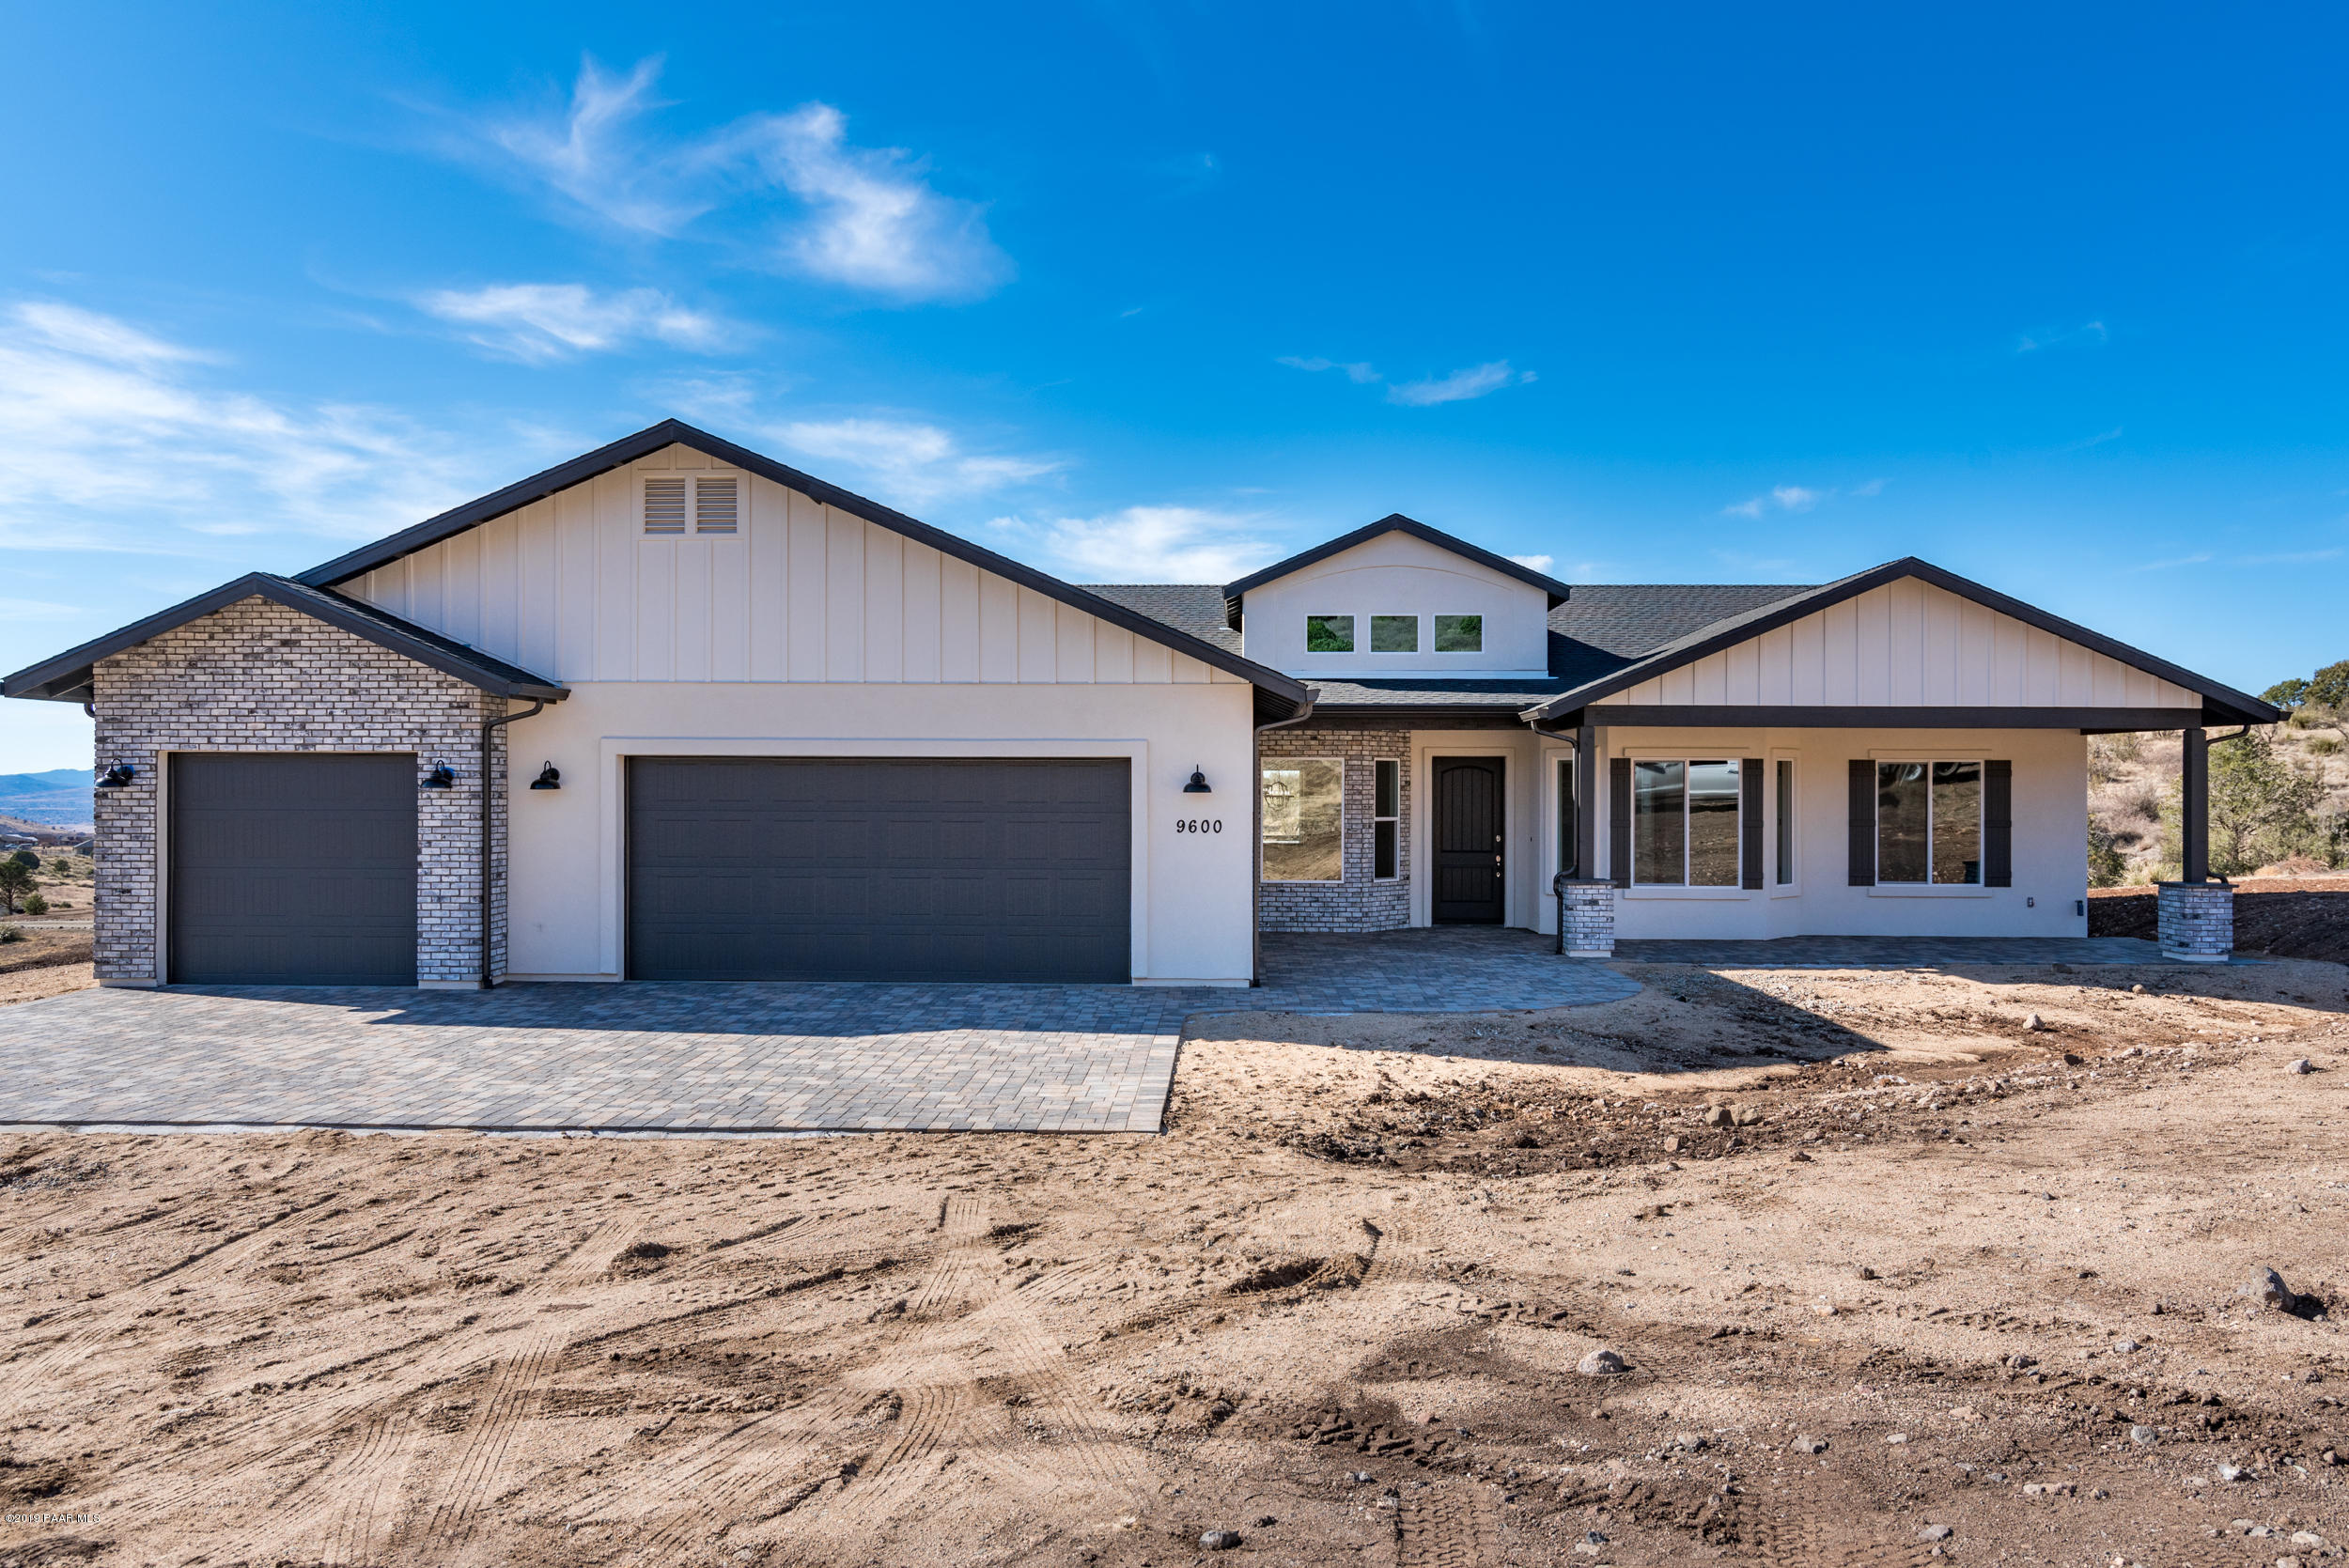 Photo of 9600 Drifter'S, Prescott Valley, AZ 86315